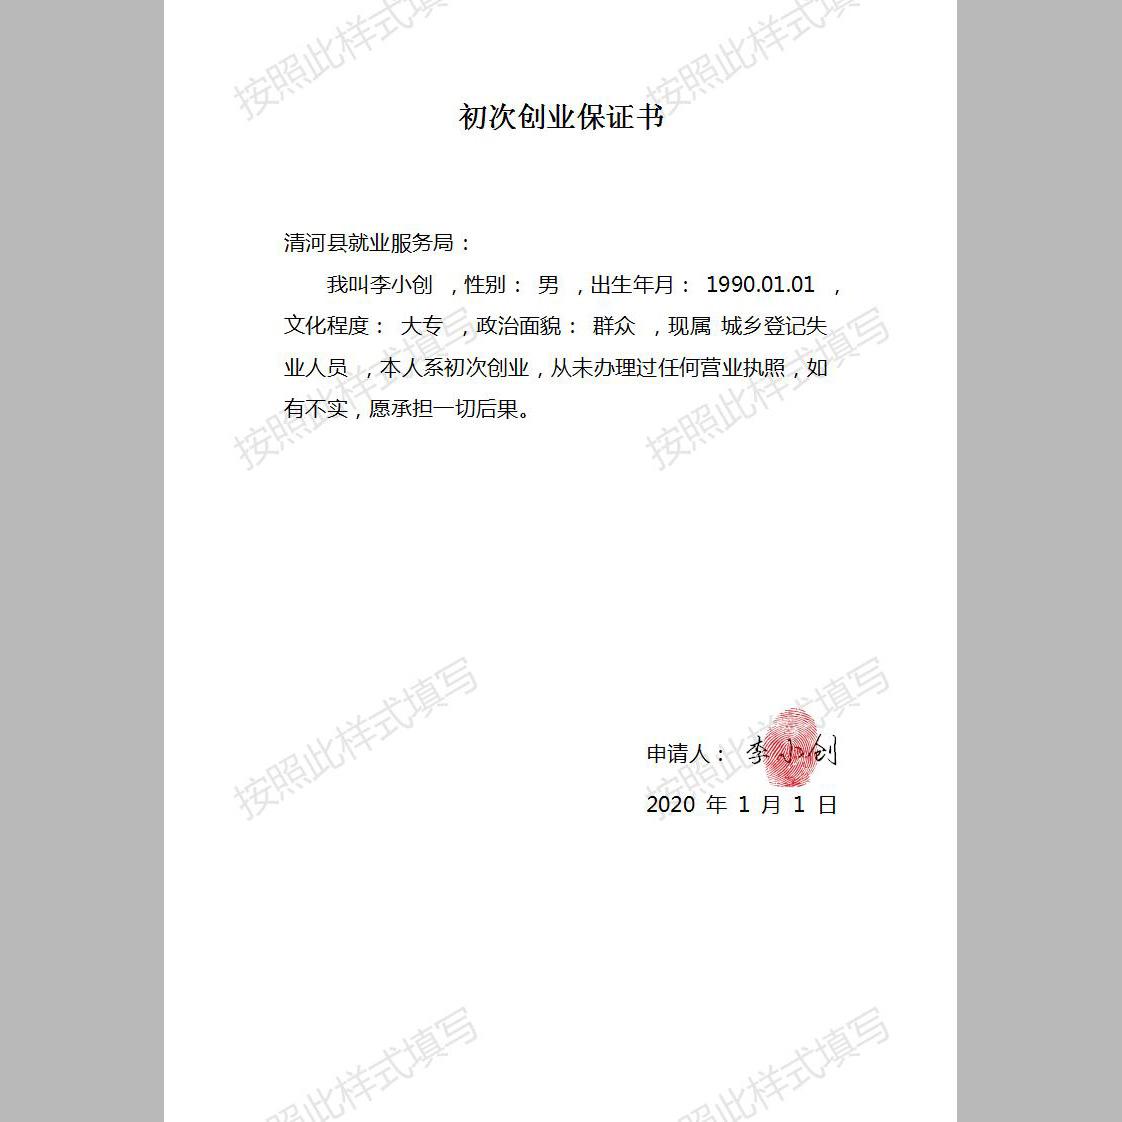 【5】初次创业保证书